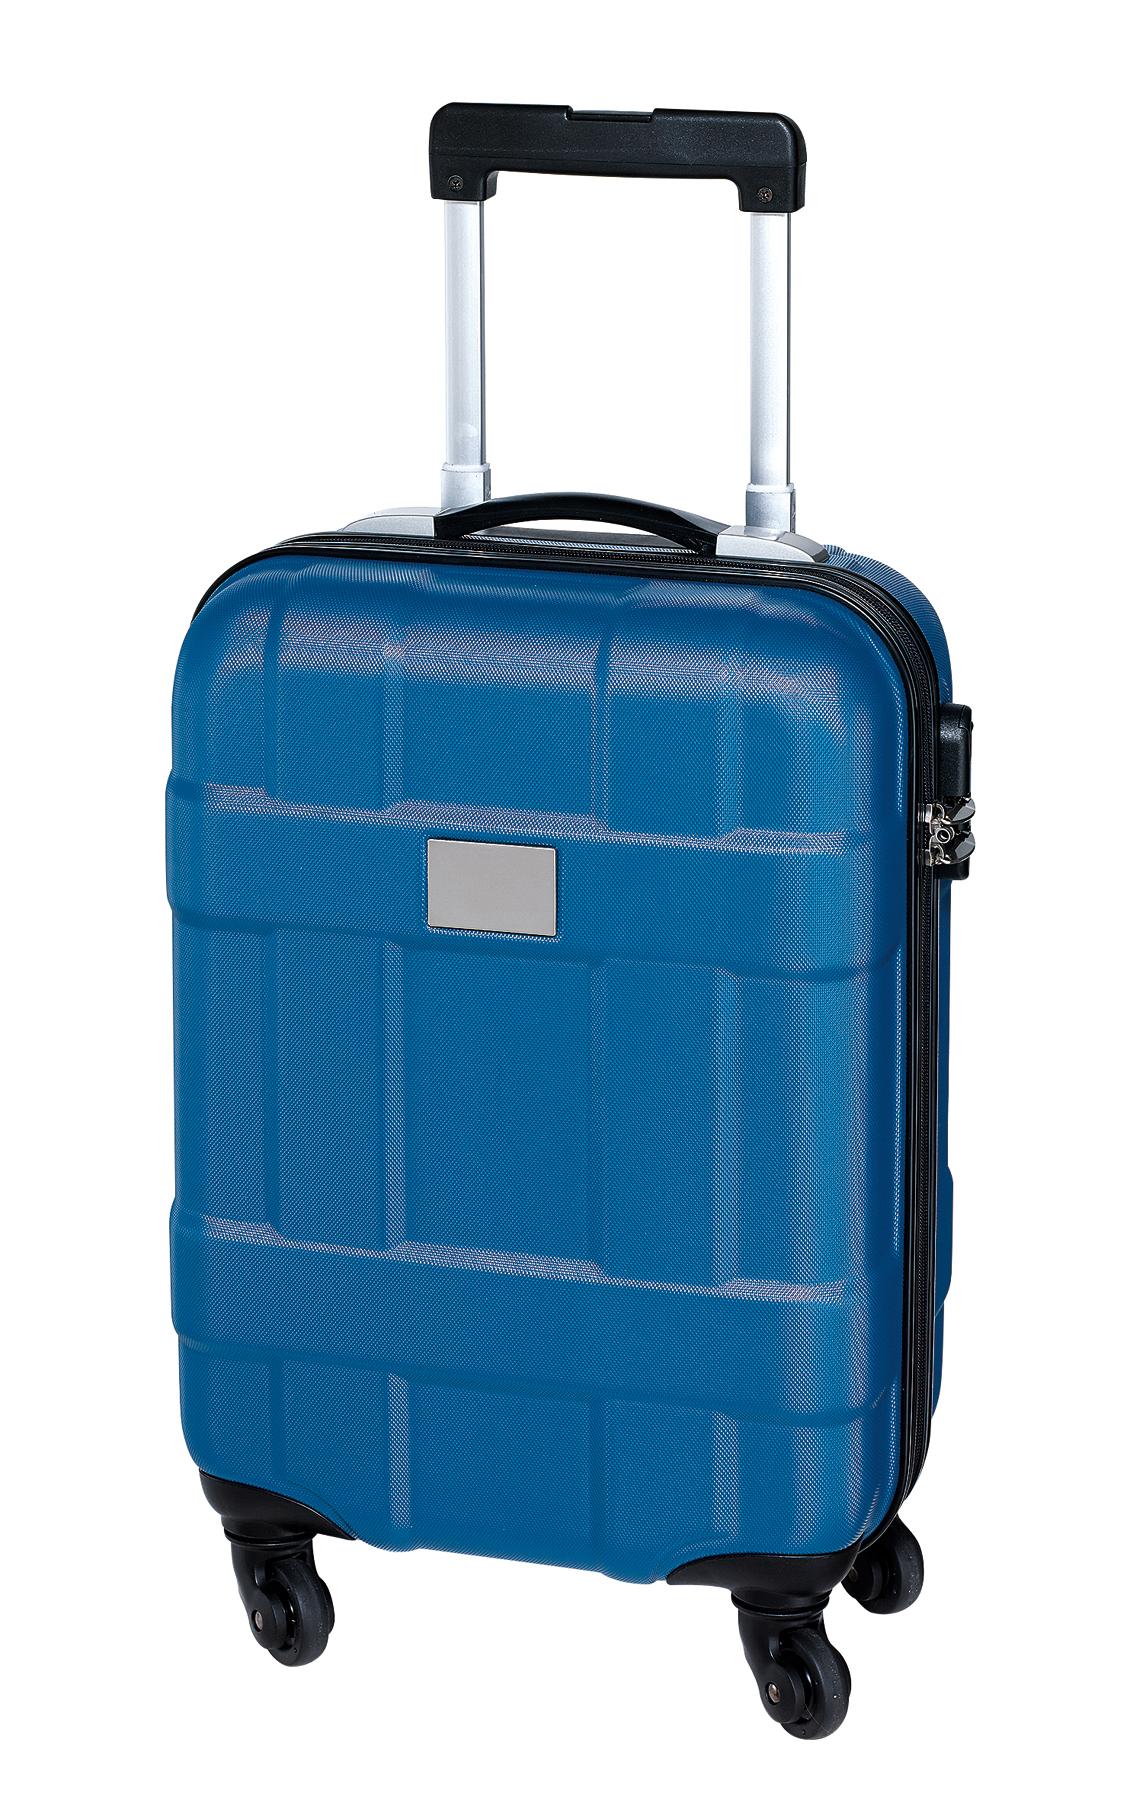 34l koffer reisekoffer handgep ck trolley koffer. Black Bedroom Furniture Sets. Home Design Ideas